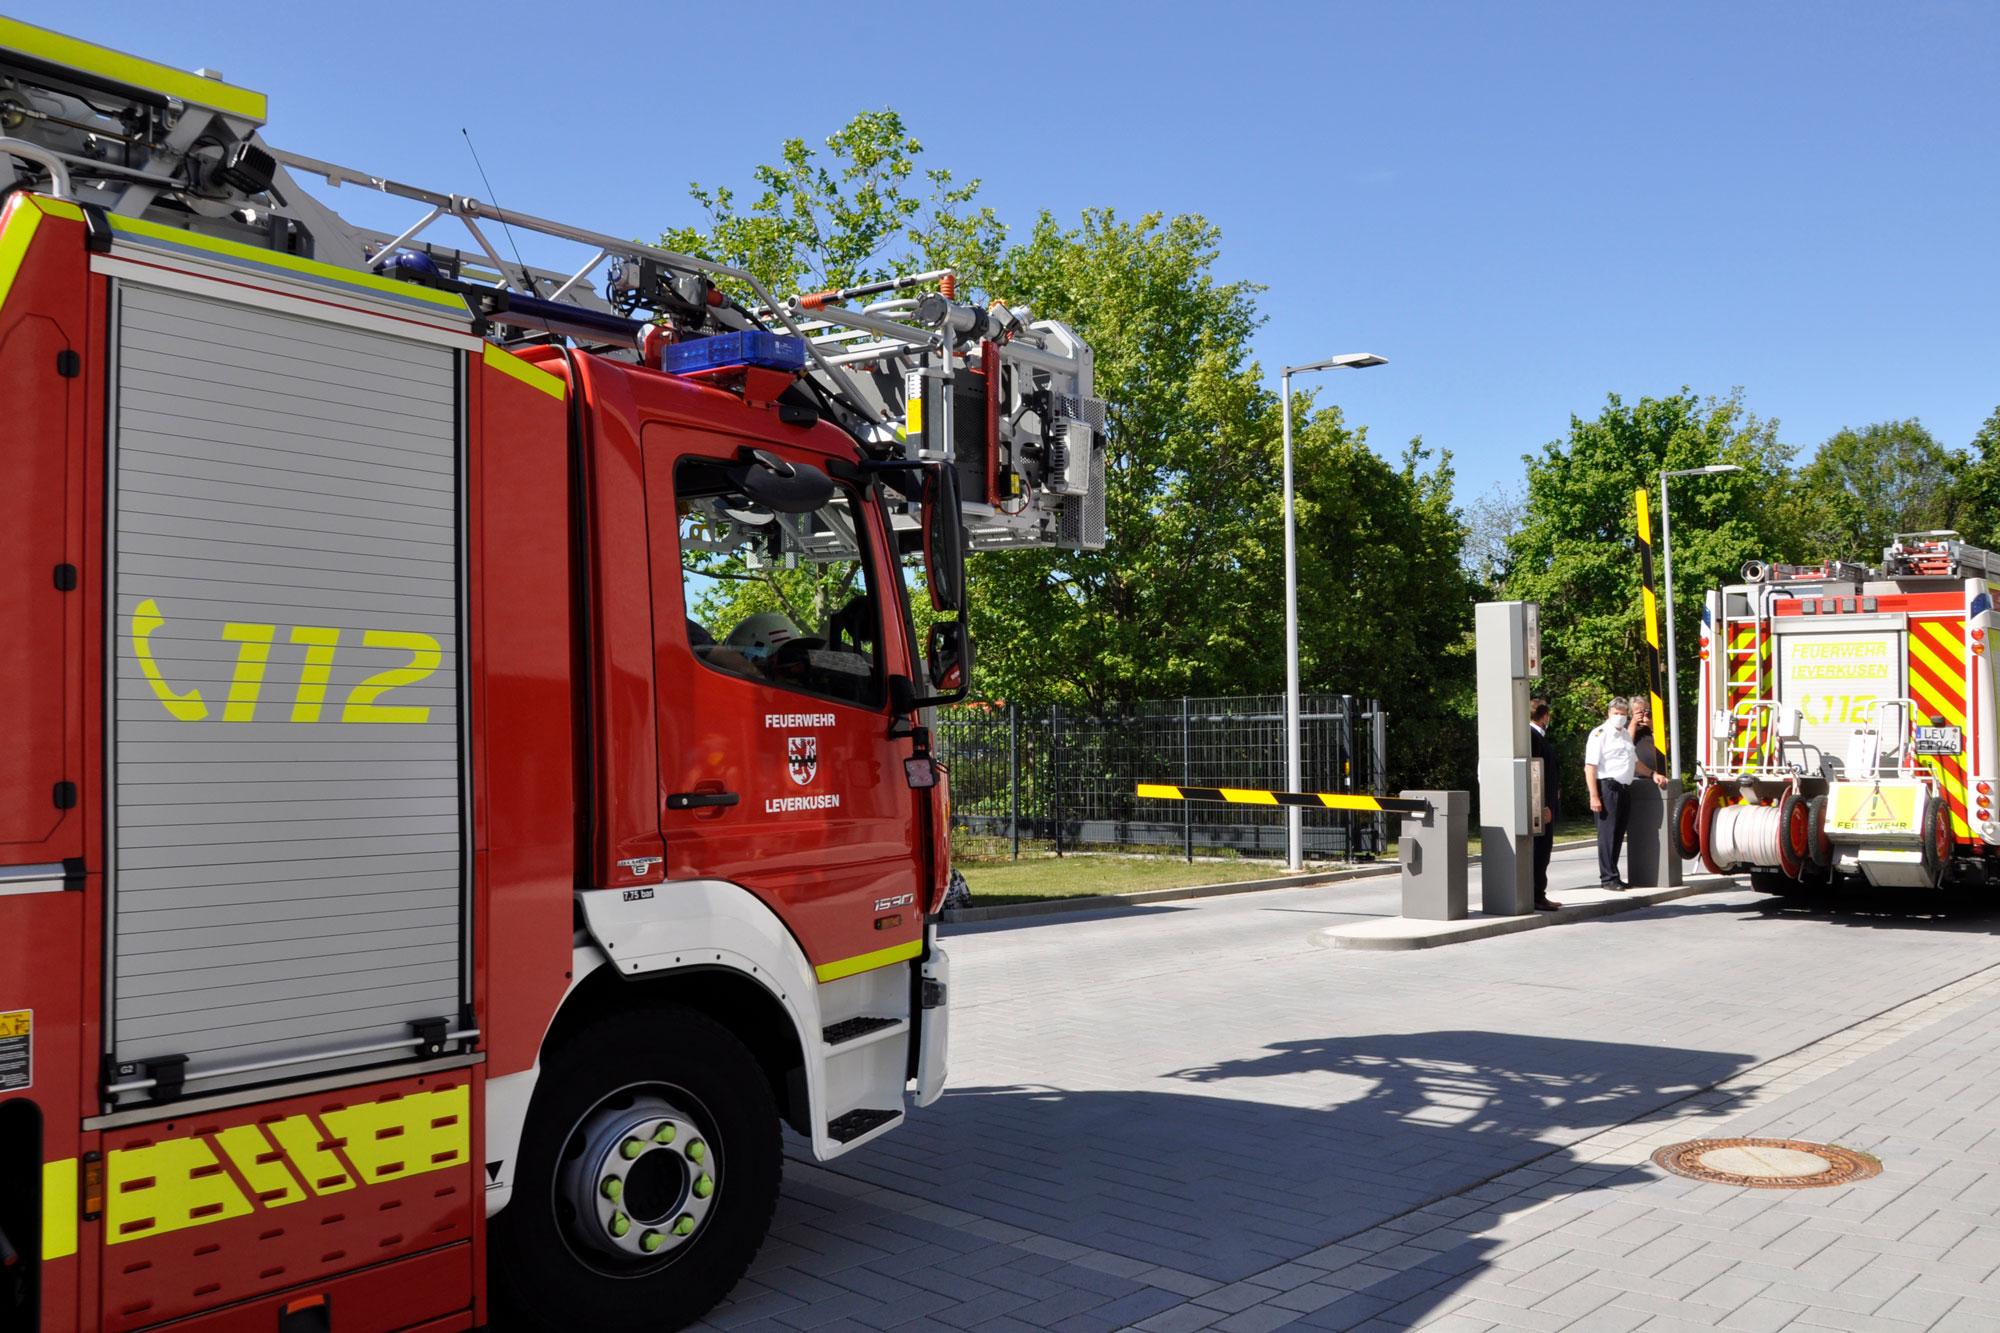 Feuerwehr zieht in neue Wache ein